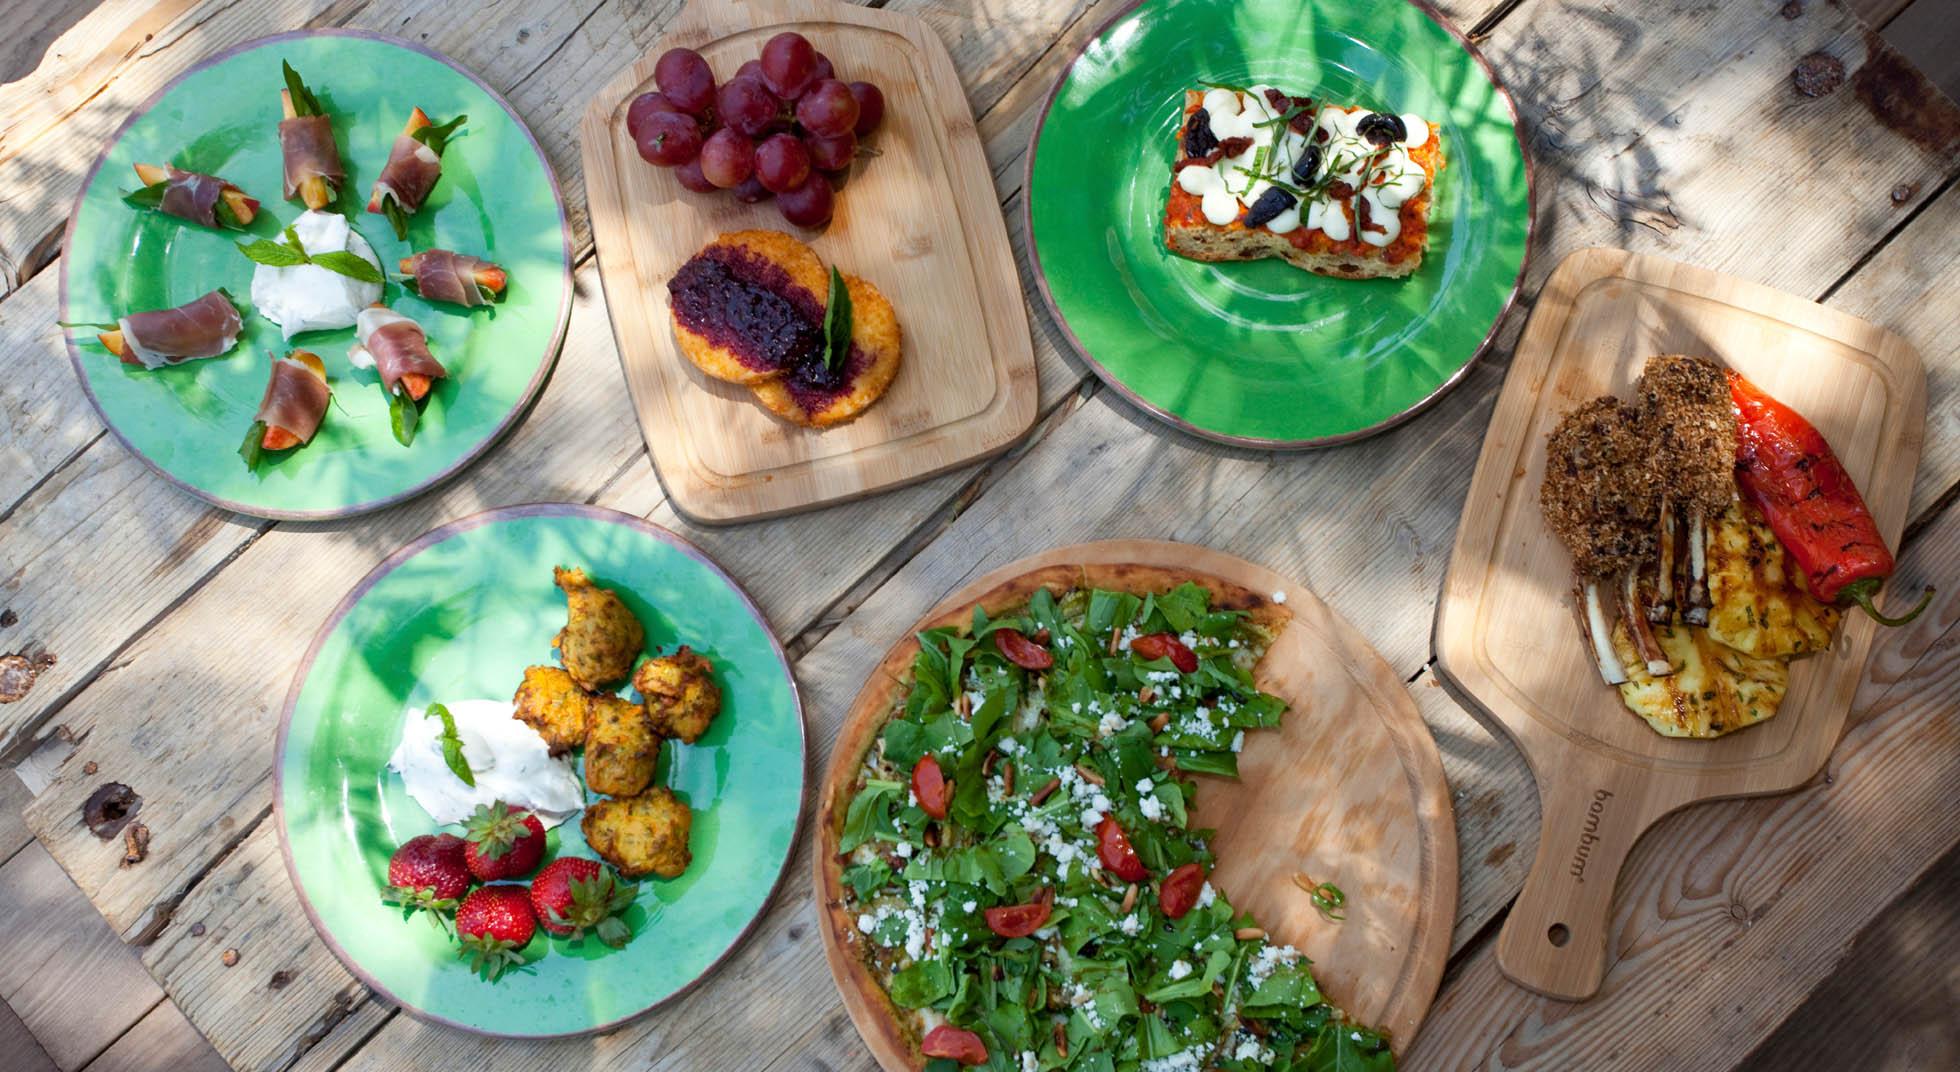 Idee per l 39 aperitivo in giardino aia food for Idee per aperitivo a casa